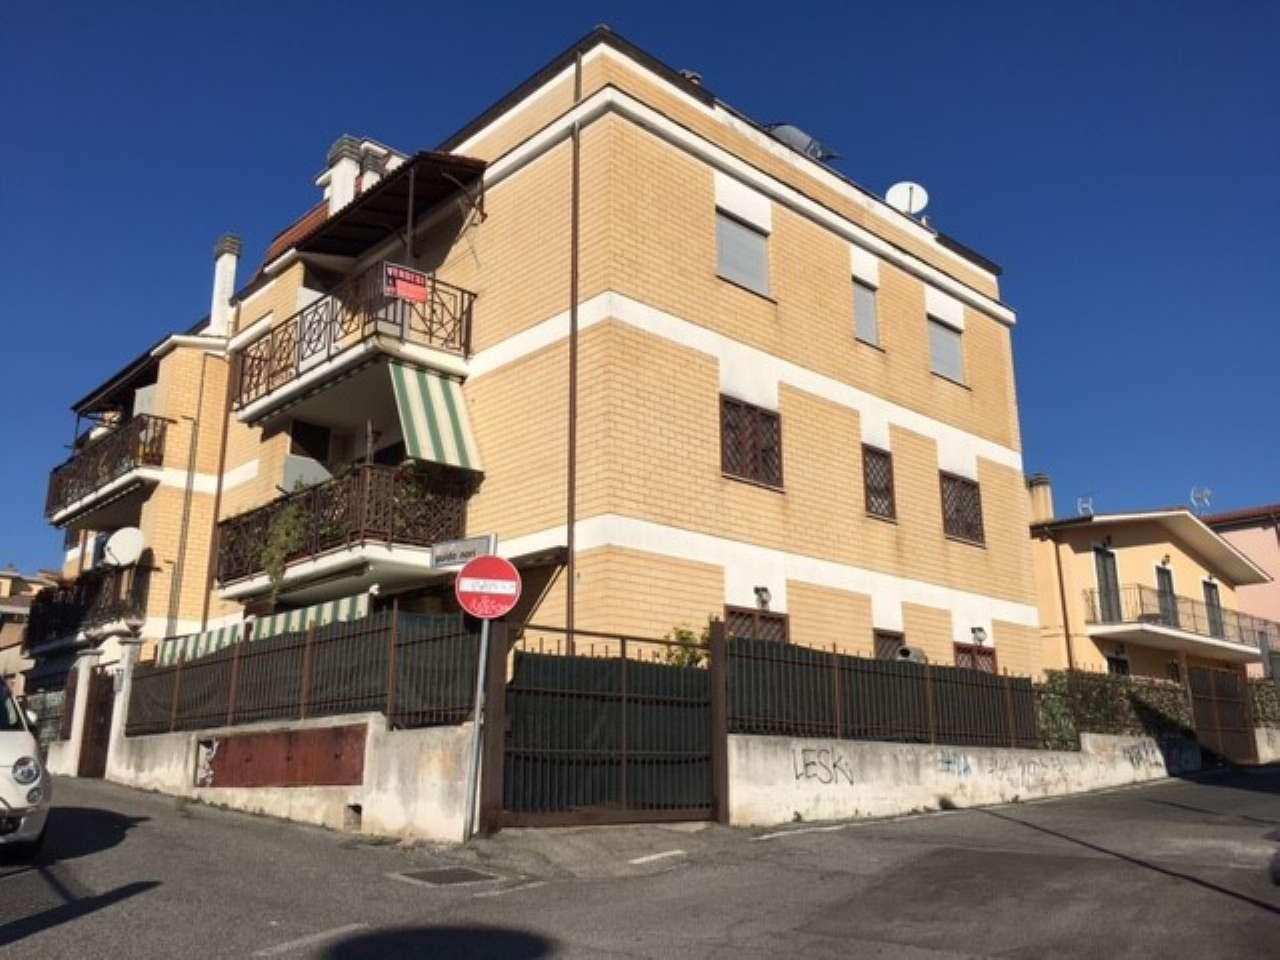 Appartamento in affitto a Castelnuovo di Porto, 3 locali, prezzo € 500 | Cambio Casa.it